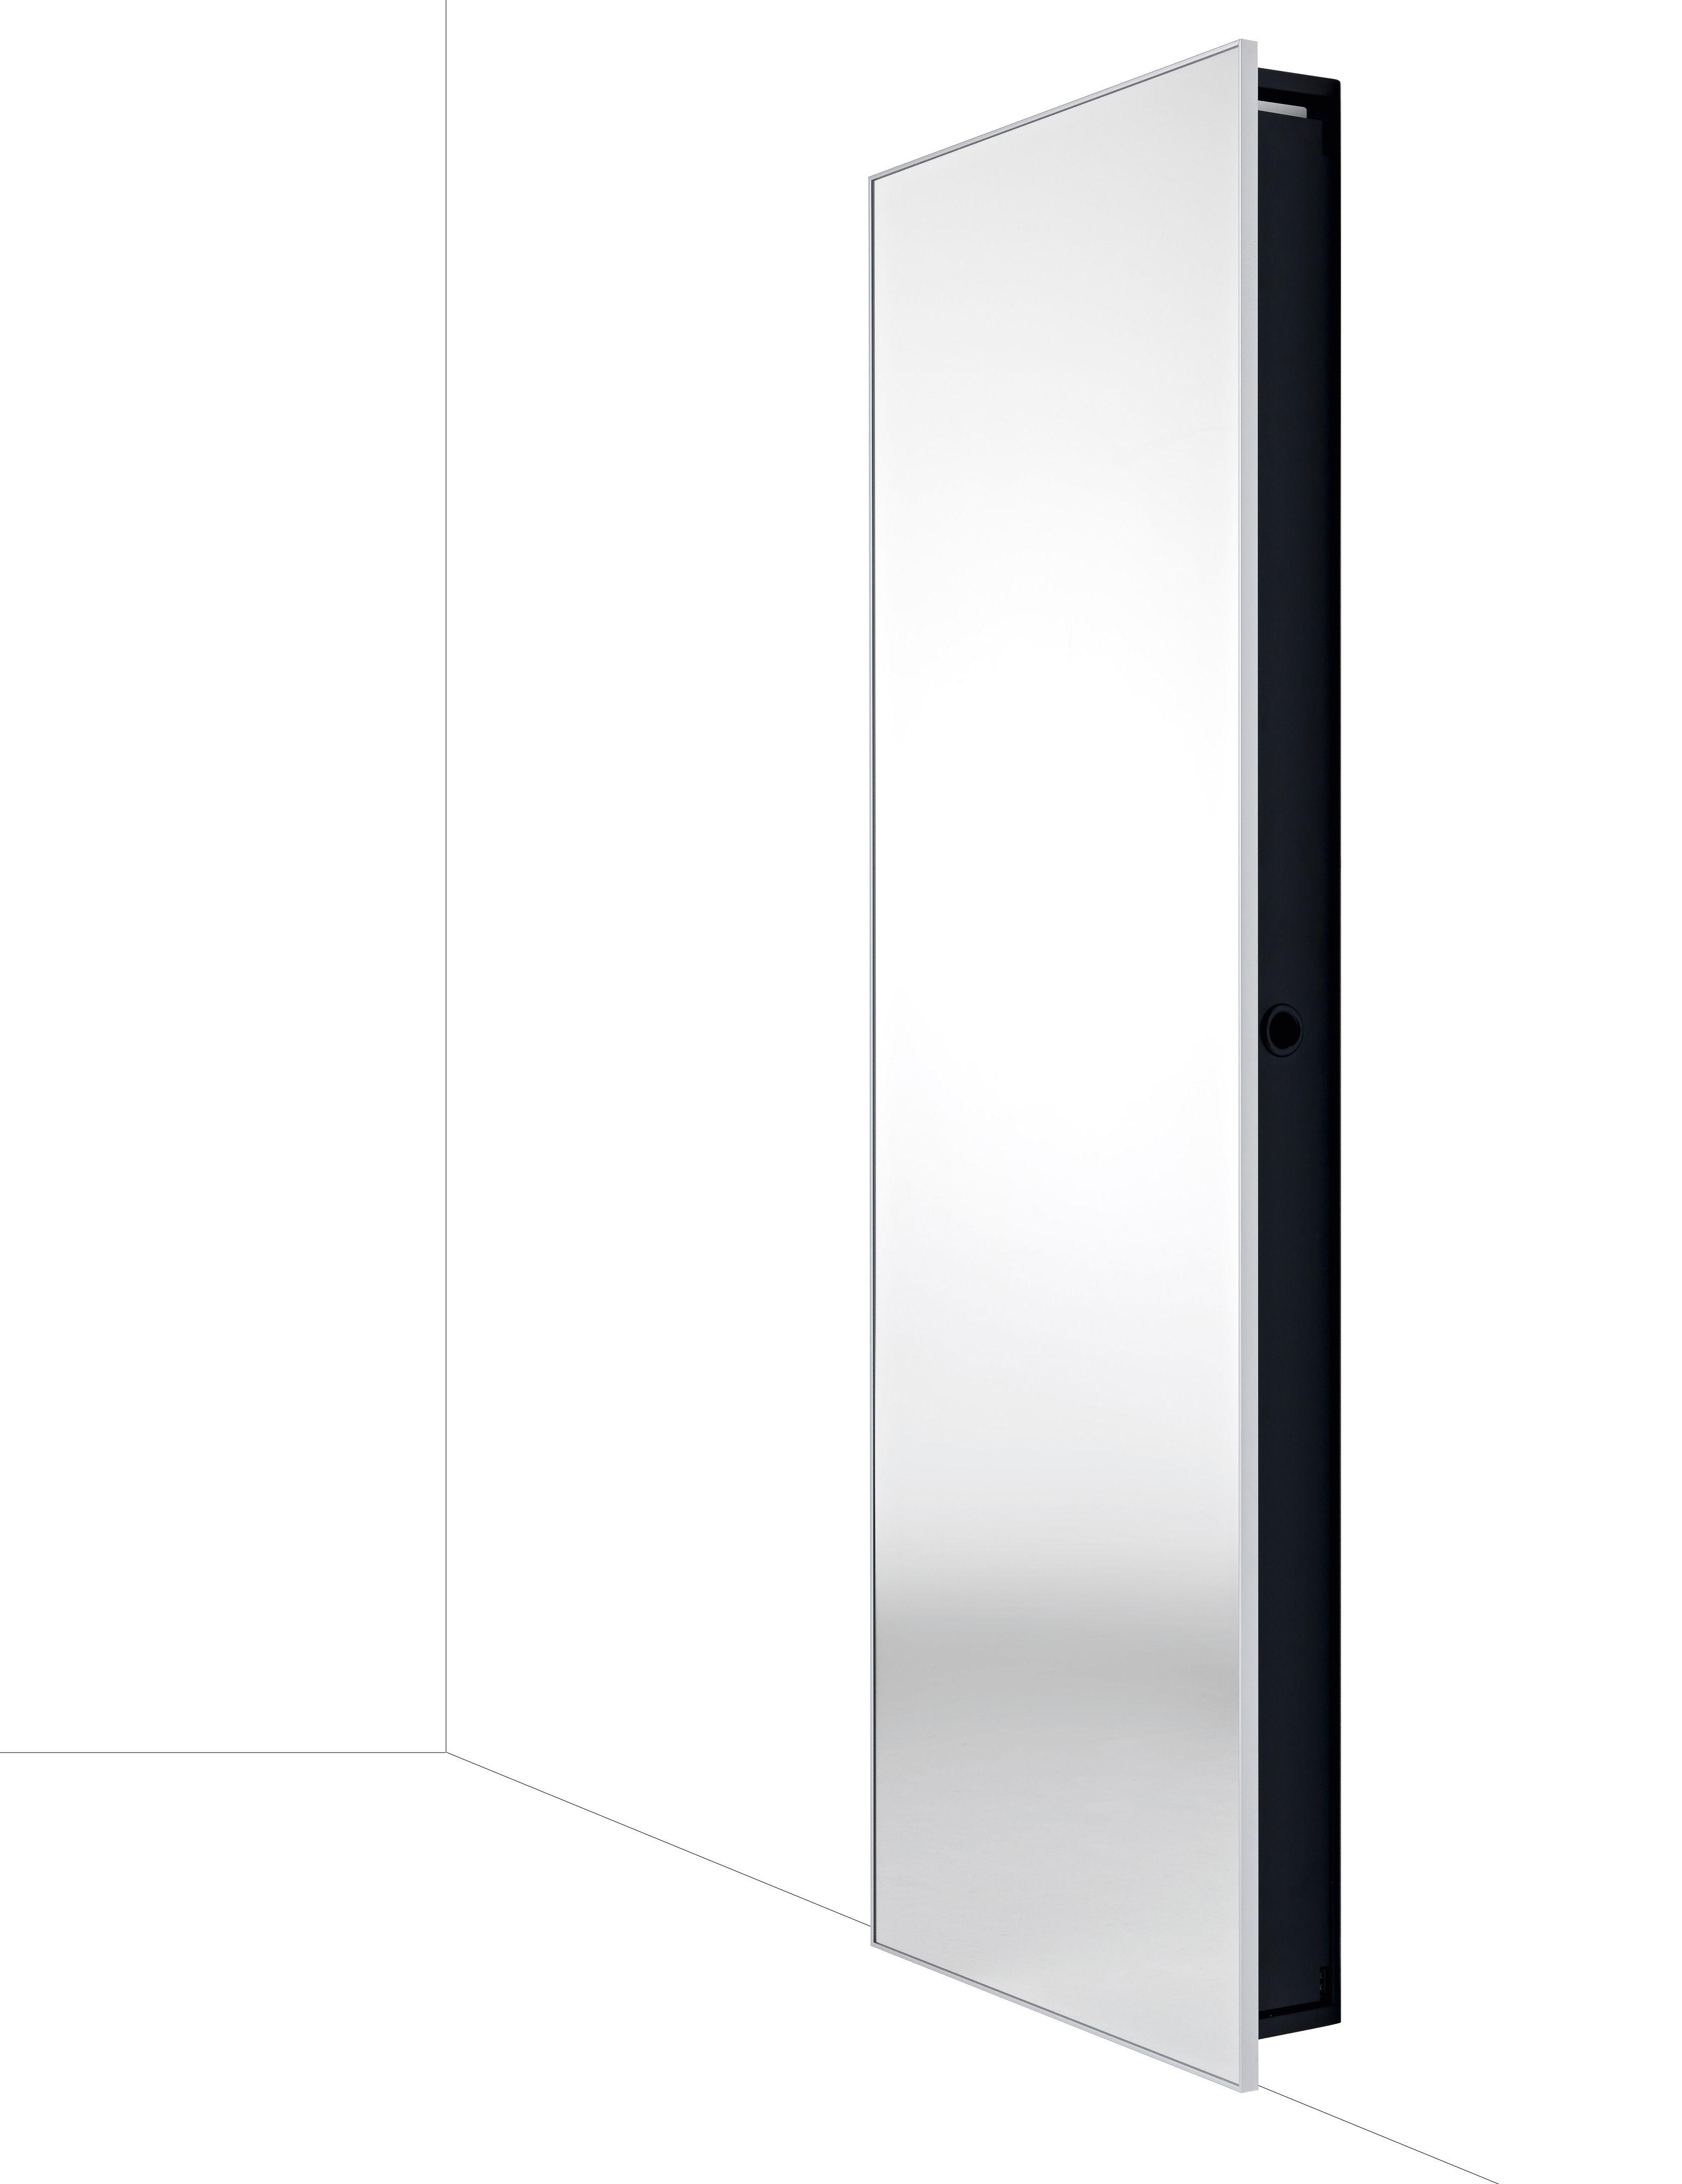 Möbel - Spiegel - Backstage Schrank / Spiegel - 64 x H 192 cm - Horm - L 64 cm x H 192 cm - Spiegel / Rahmen schwarz - Aluminium, bemalter Stahl, Spiegel-Finish